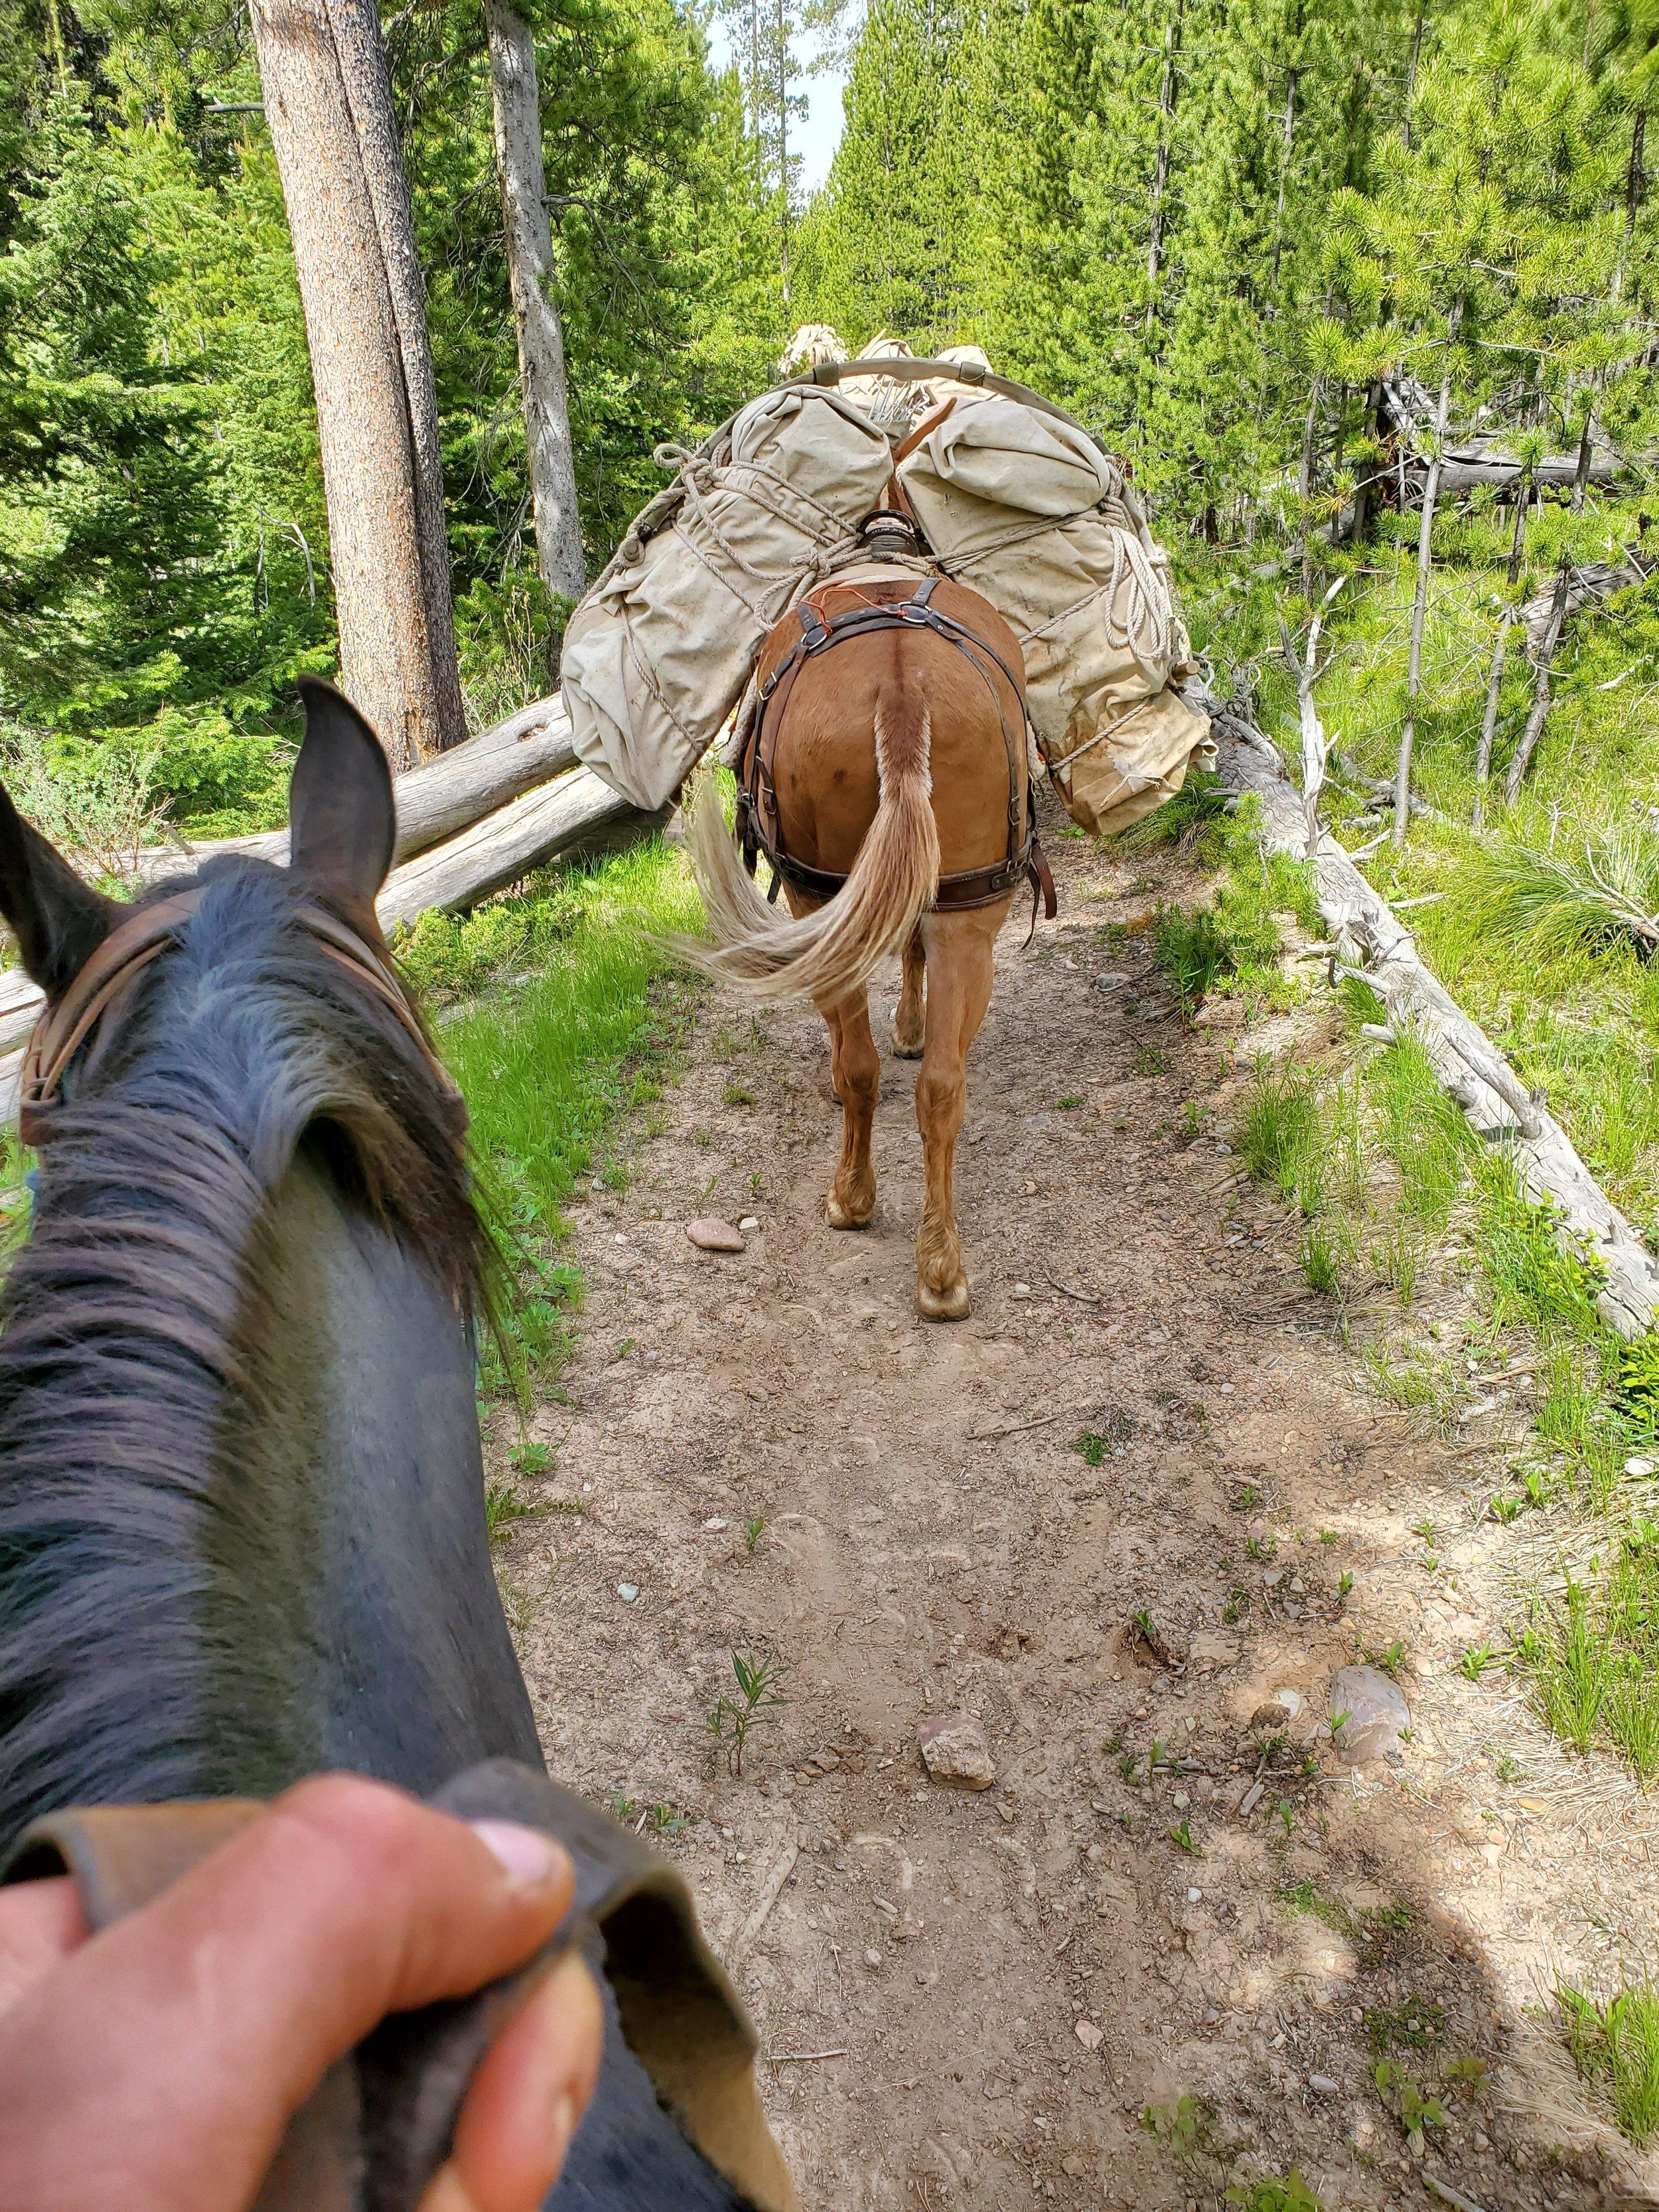 View from a horse. Matt Wilson.jpg